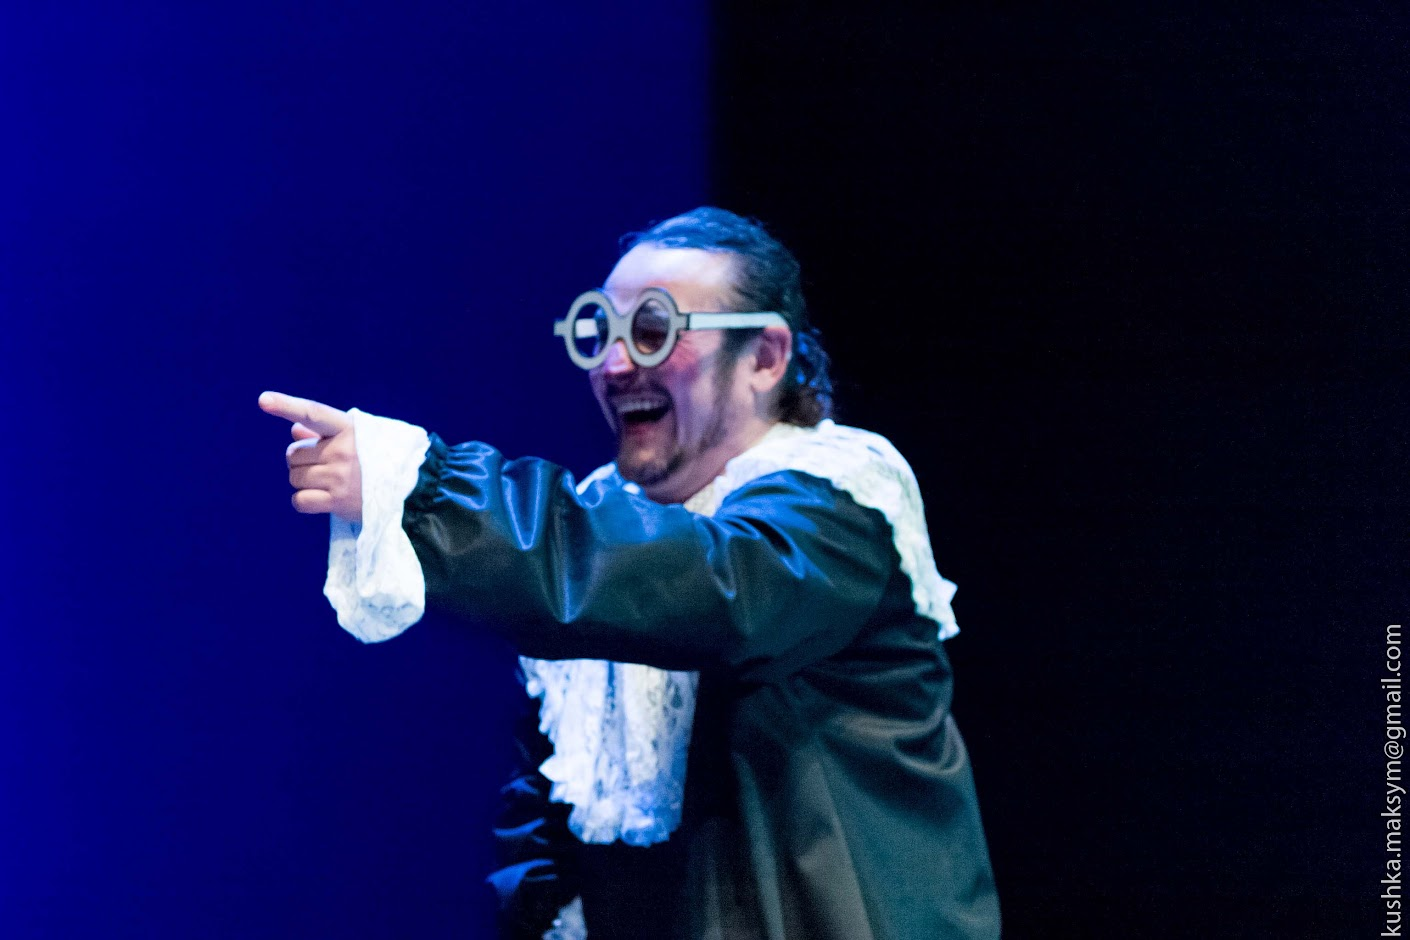 Бульварний гумор XVII сторіччя, або класичний фарс від вінницьких акторів і режисера